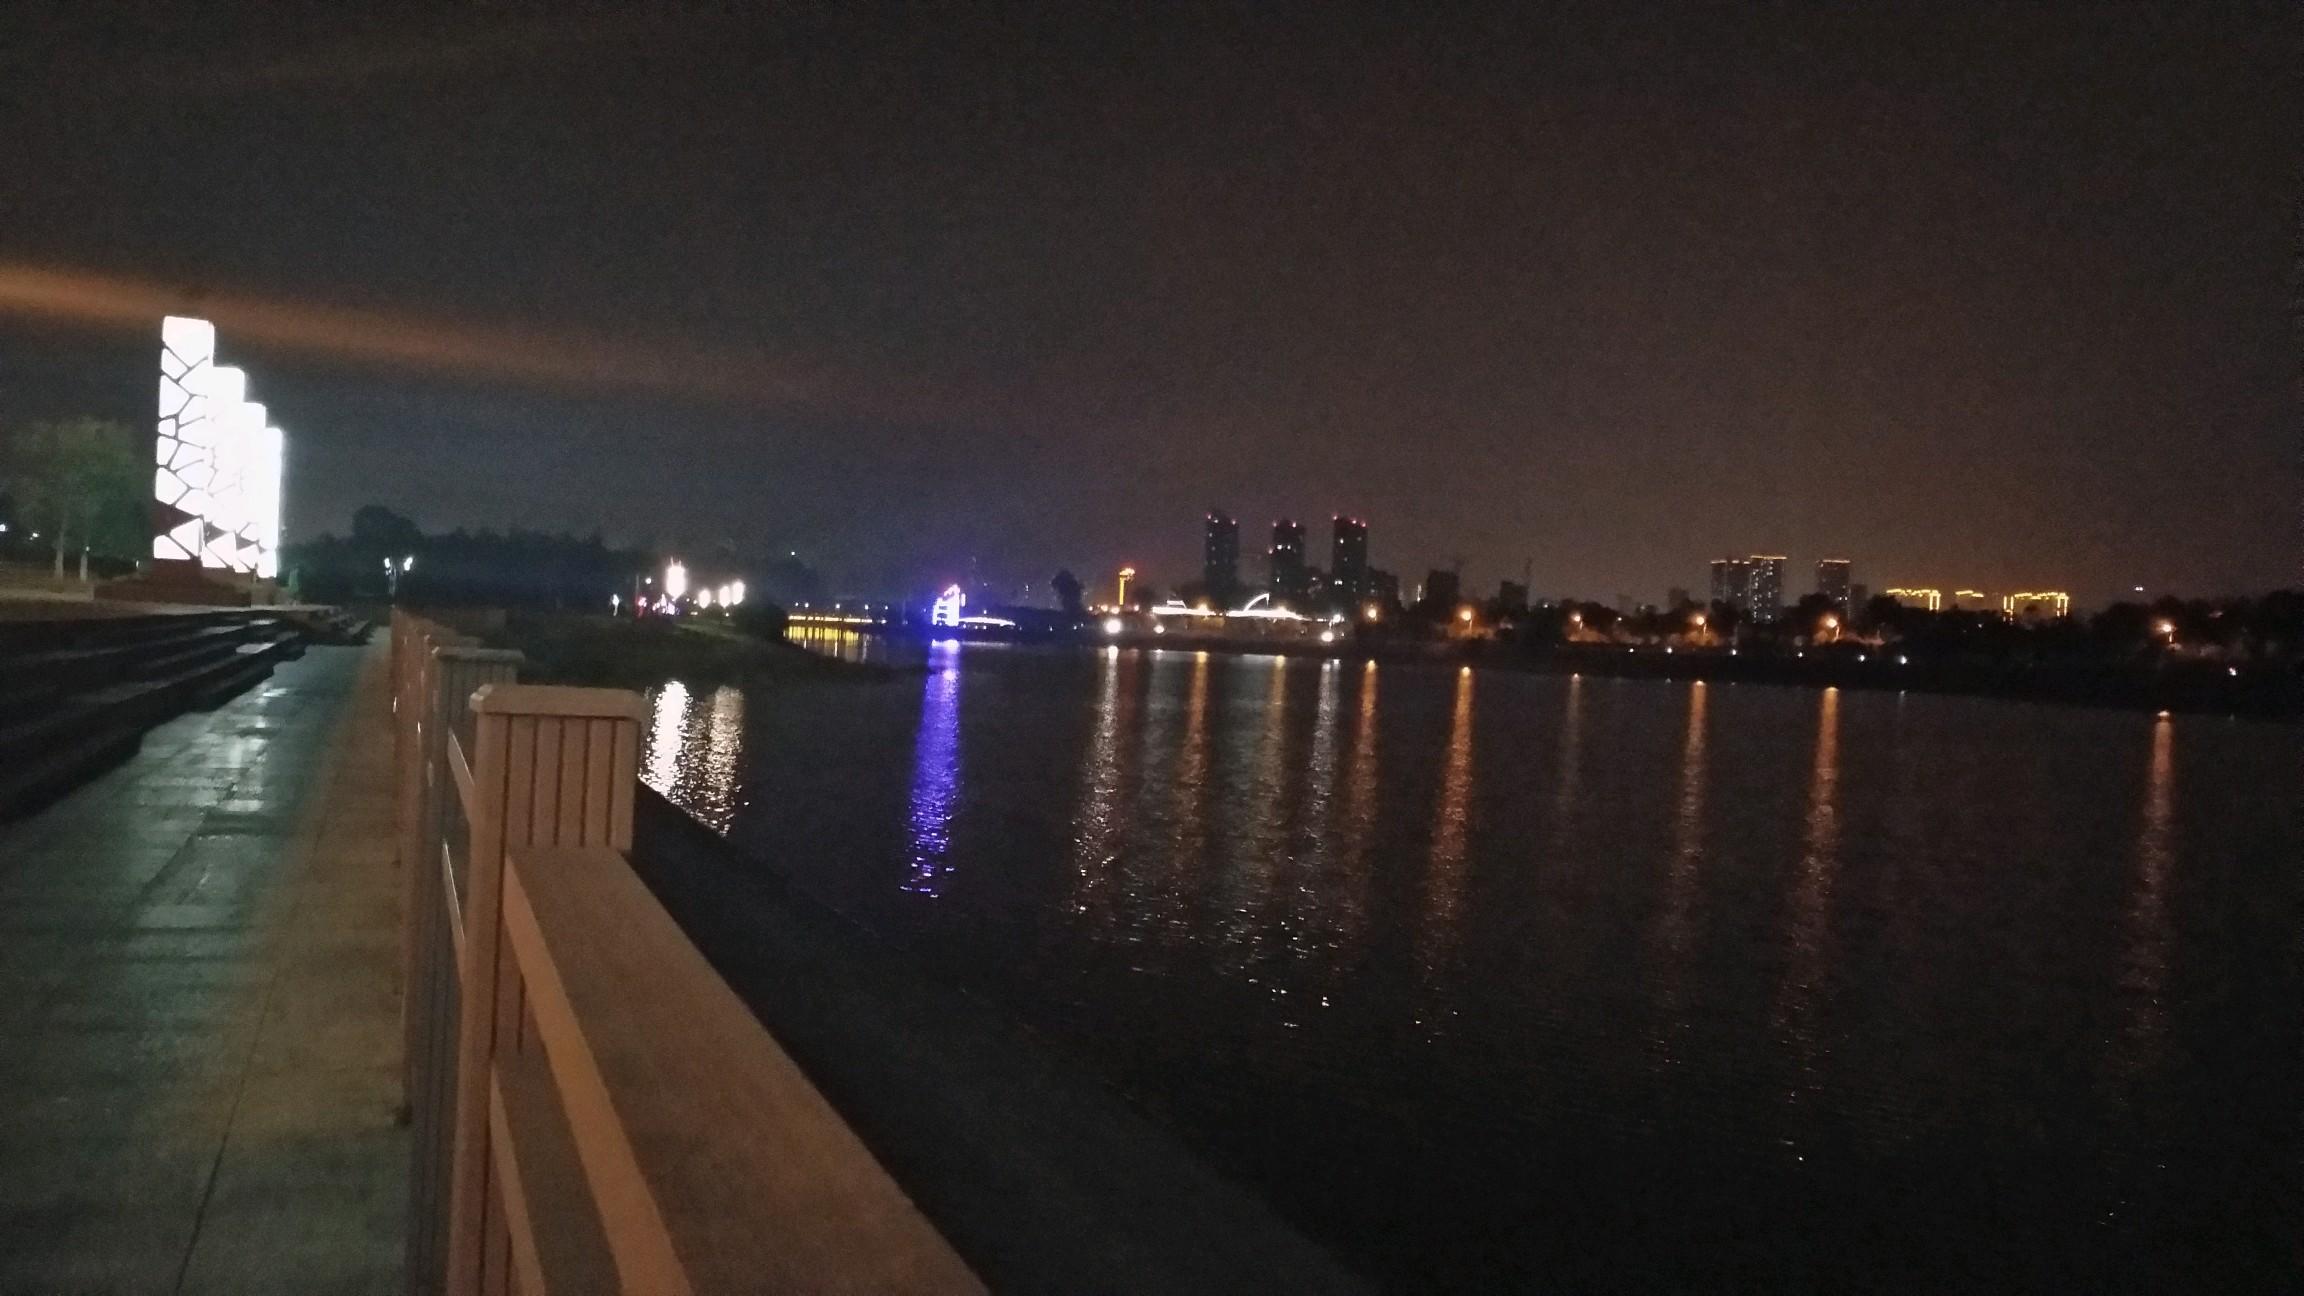 夜晚的风景